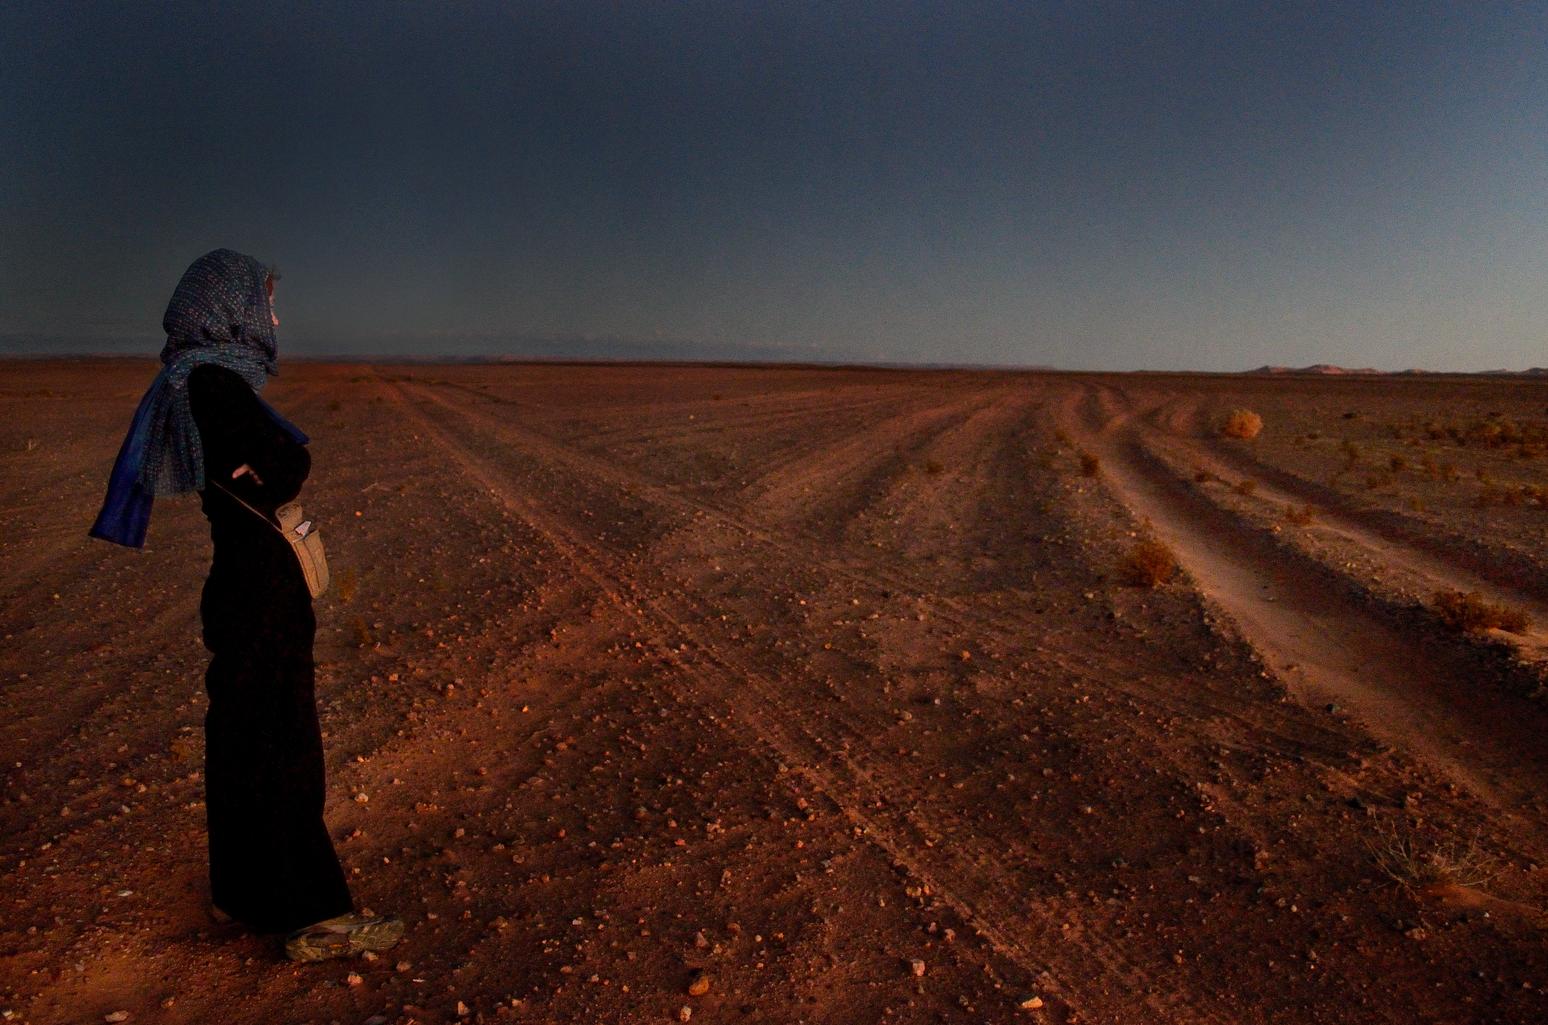 Leslie in the desert